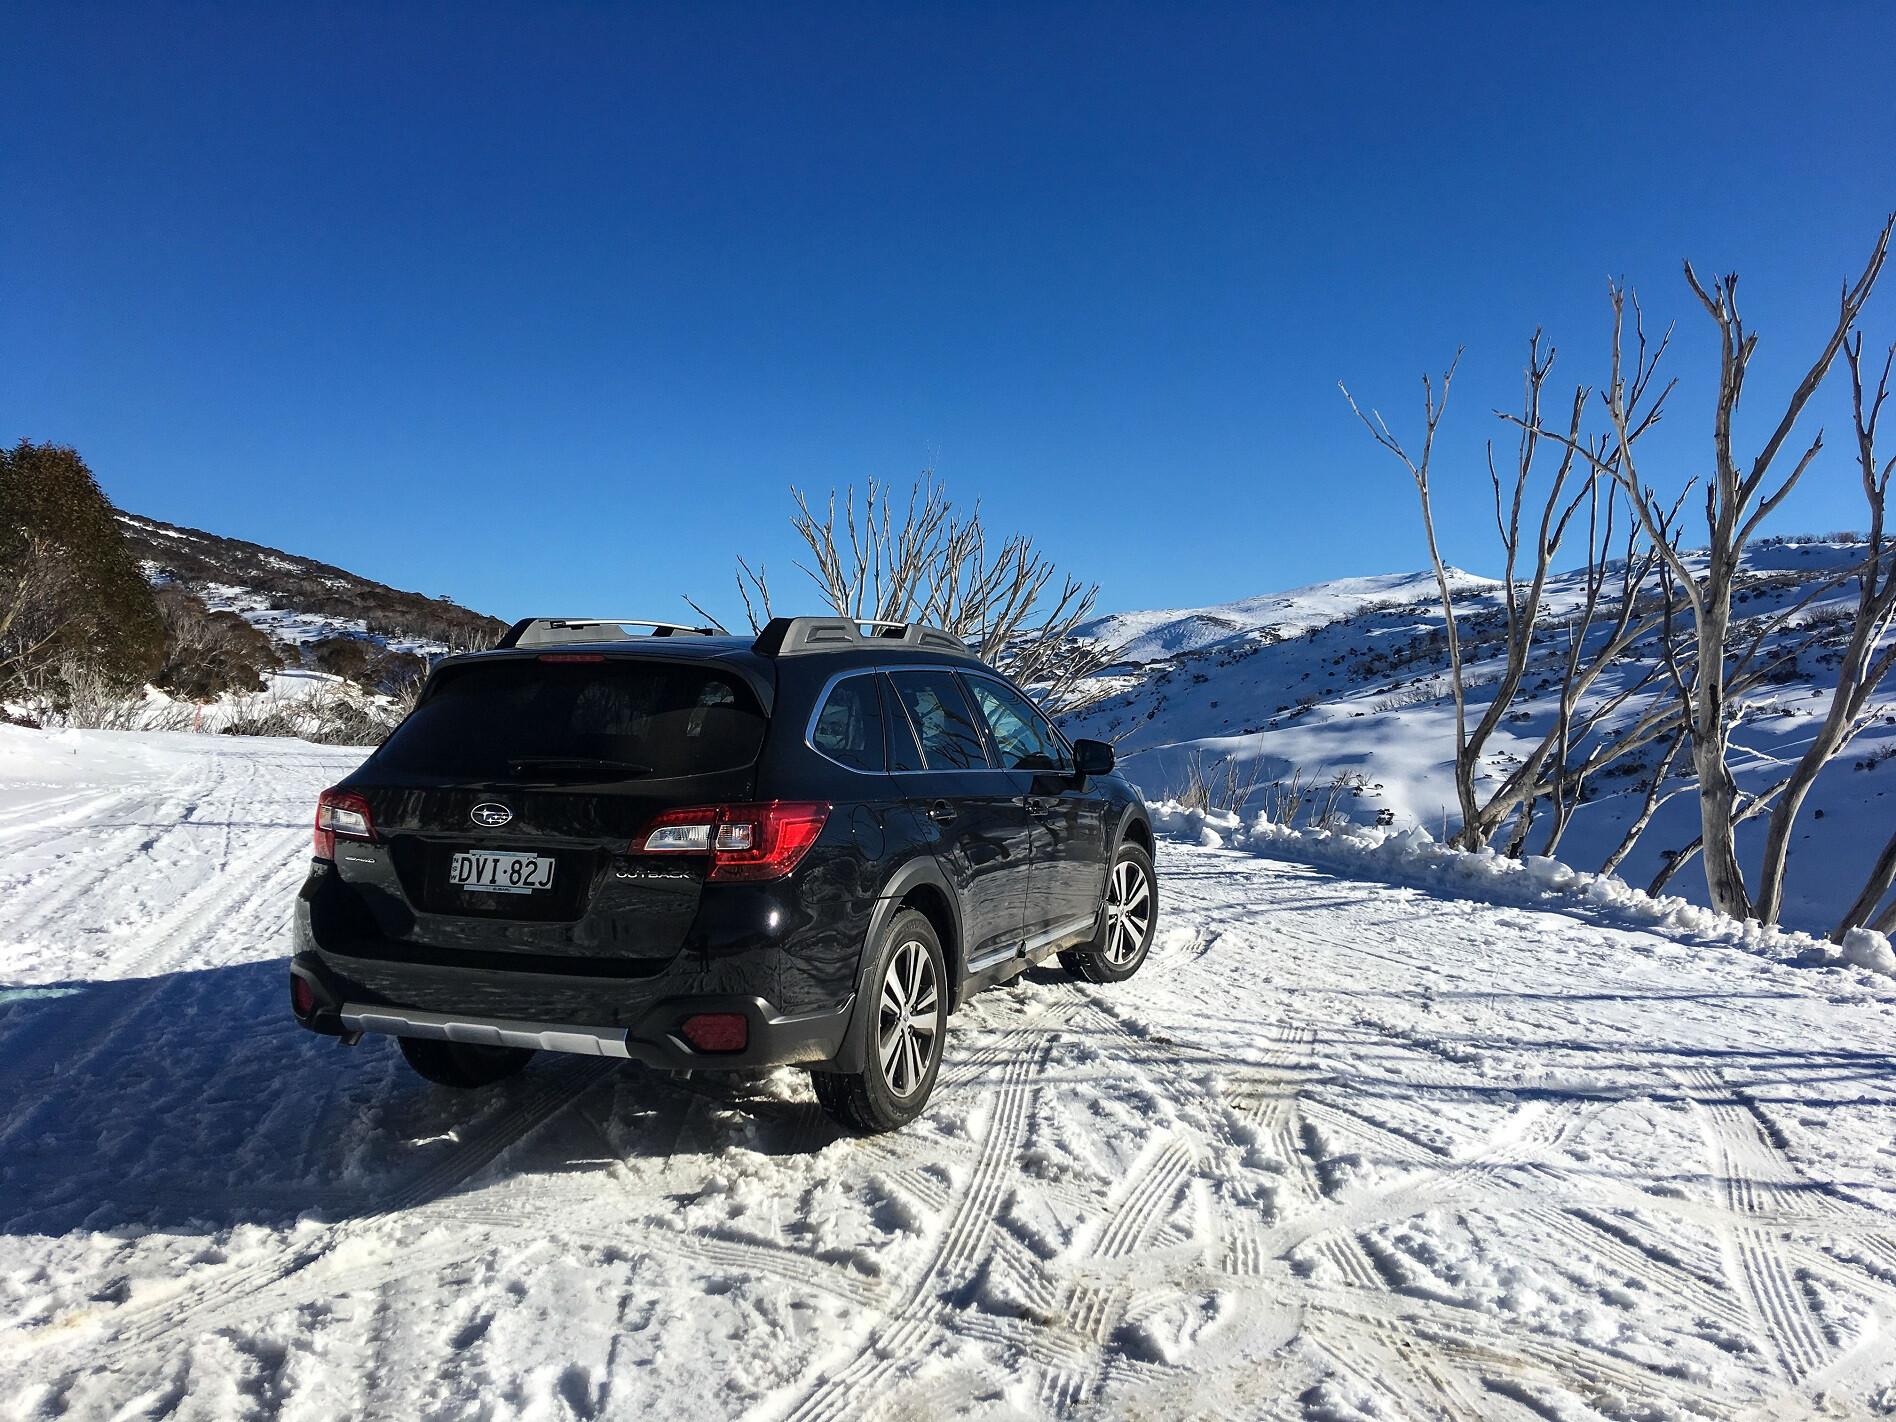 Subaru Snow Story CG 13 Jpg